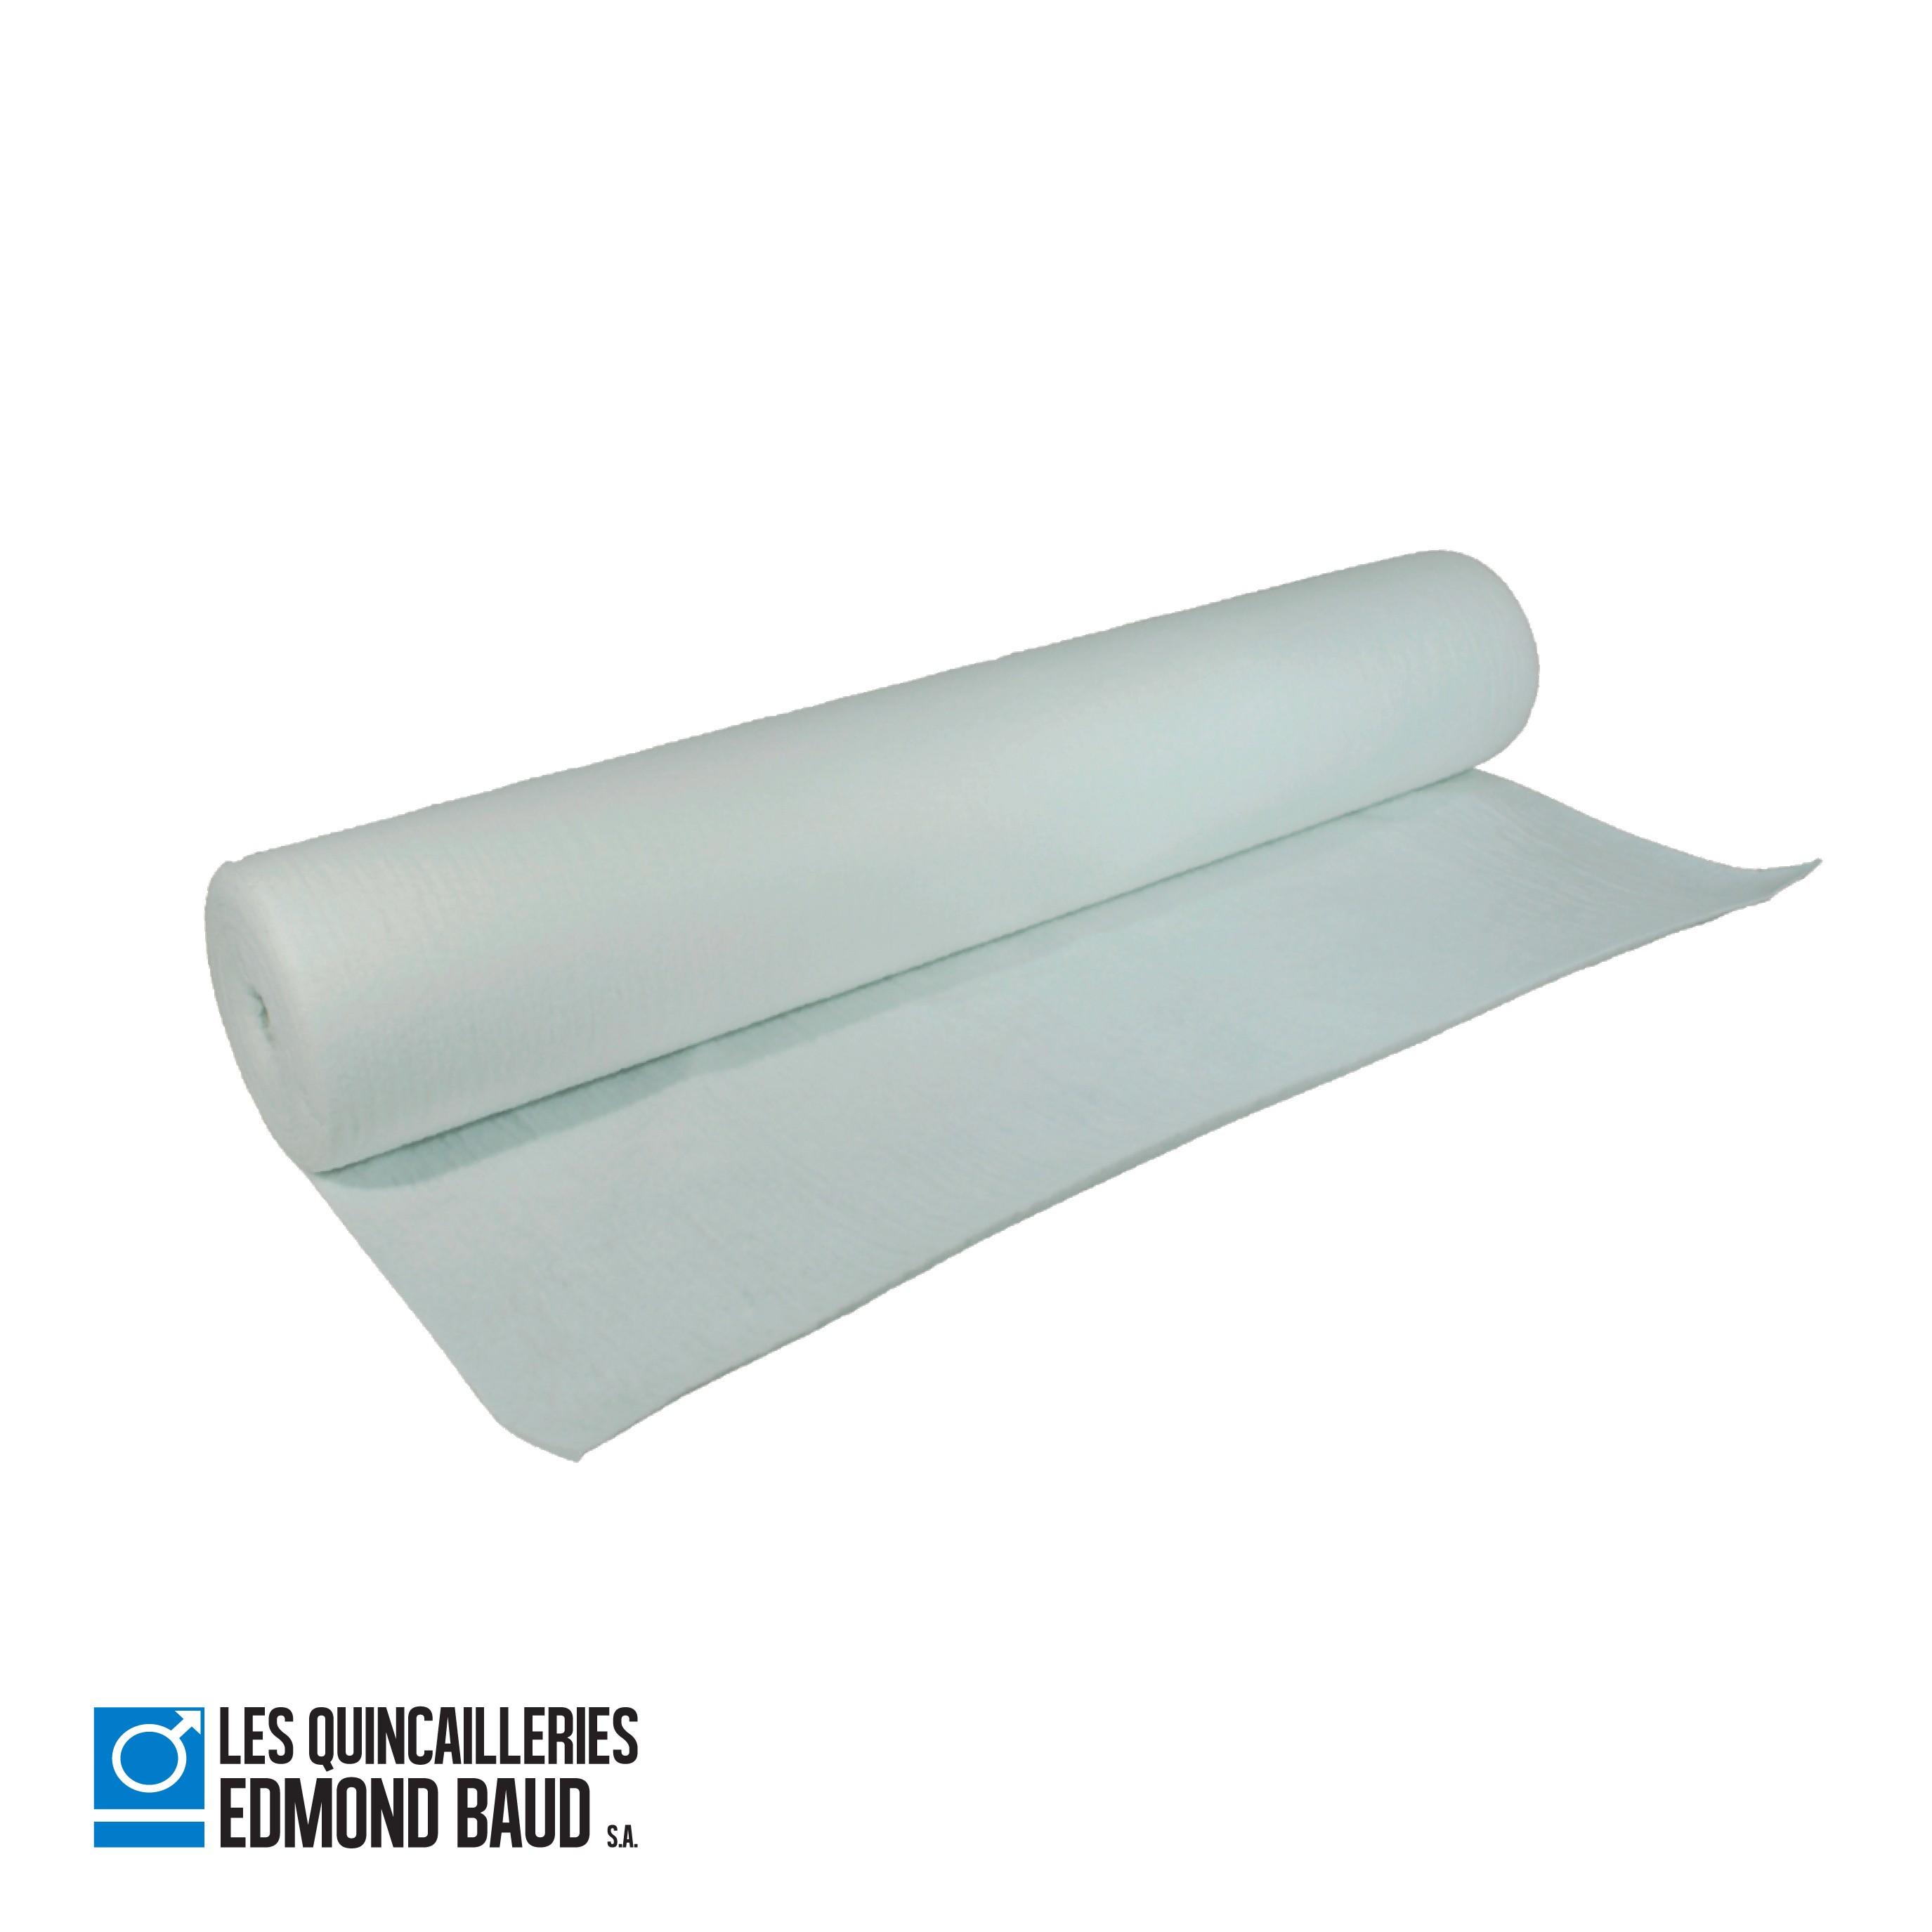 Protection de sol blanche non-tissée 8 ou 8 gr/m8